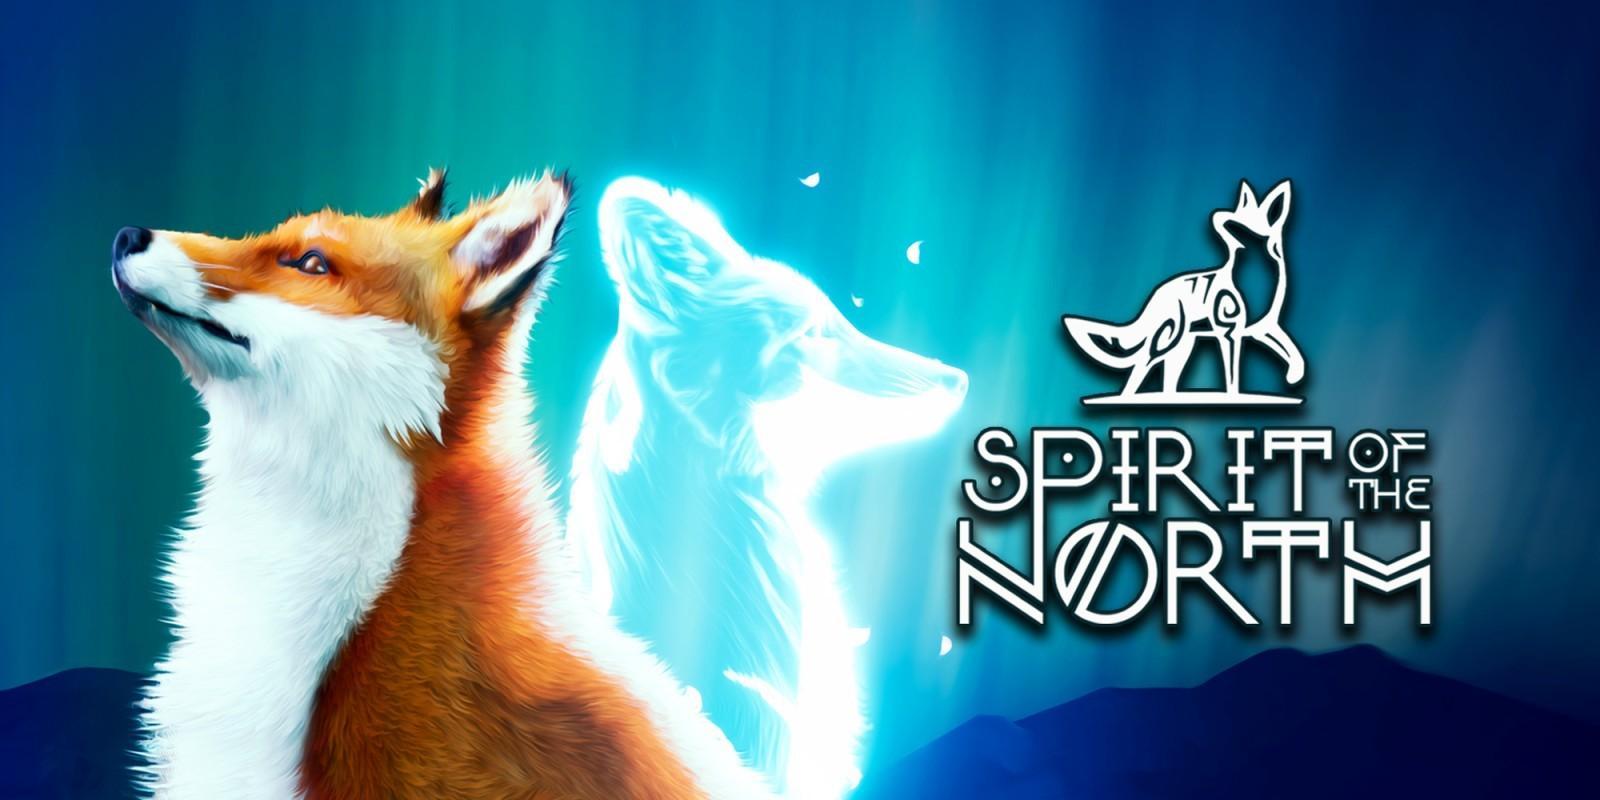 Загадочное приключение Spirit of the North - 7 мая выйдет на Nintendo Switch 5